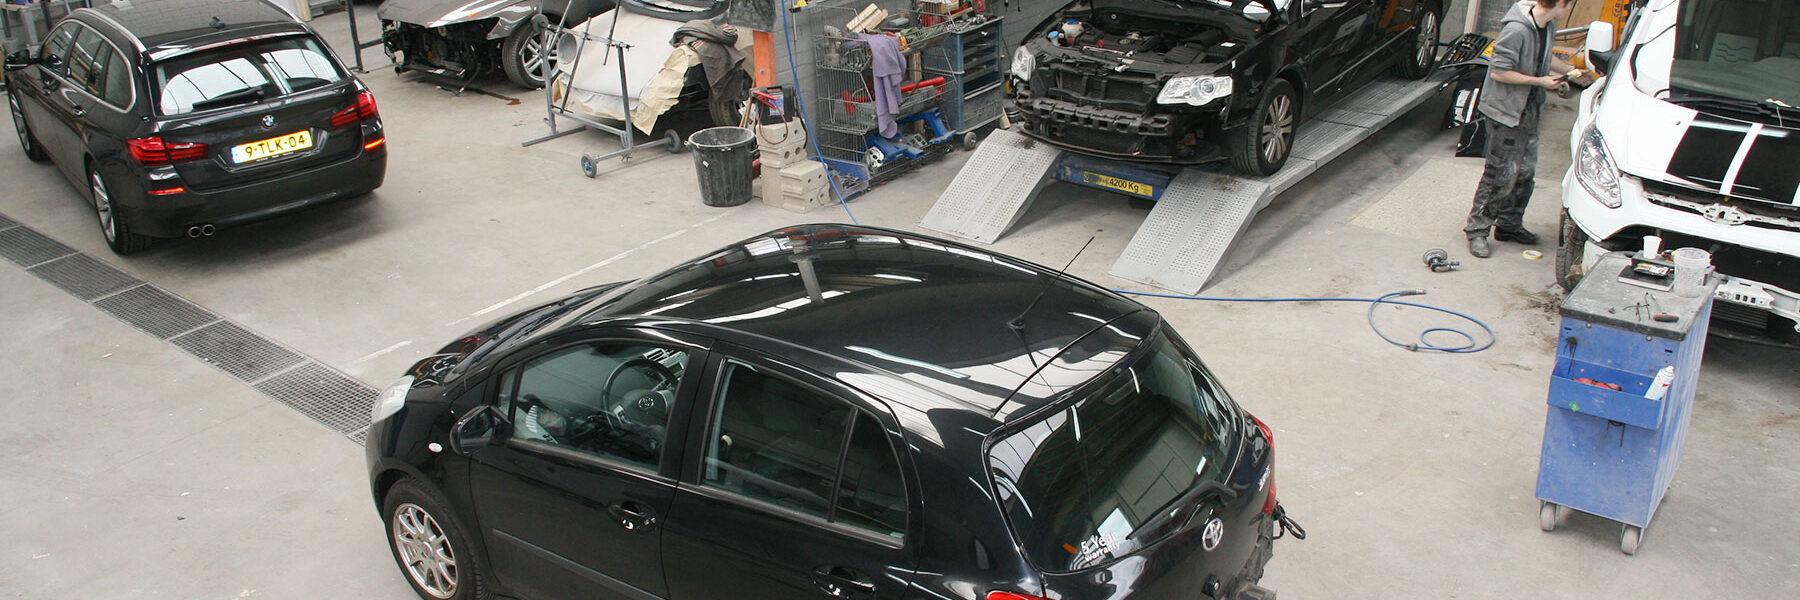 werkplaats autoschade herstel vervoort